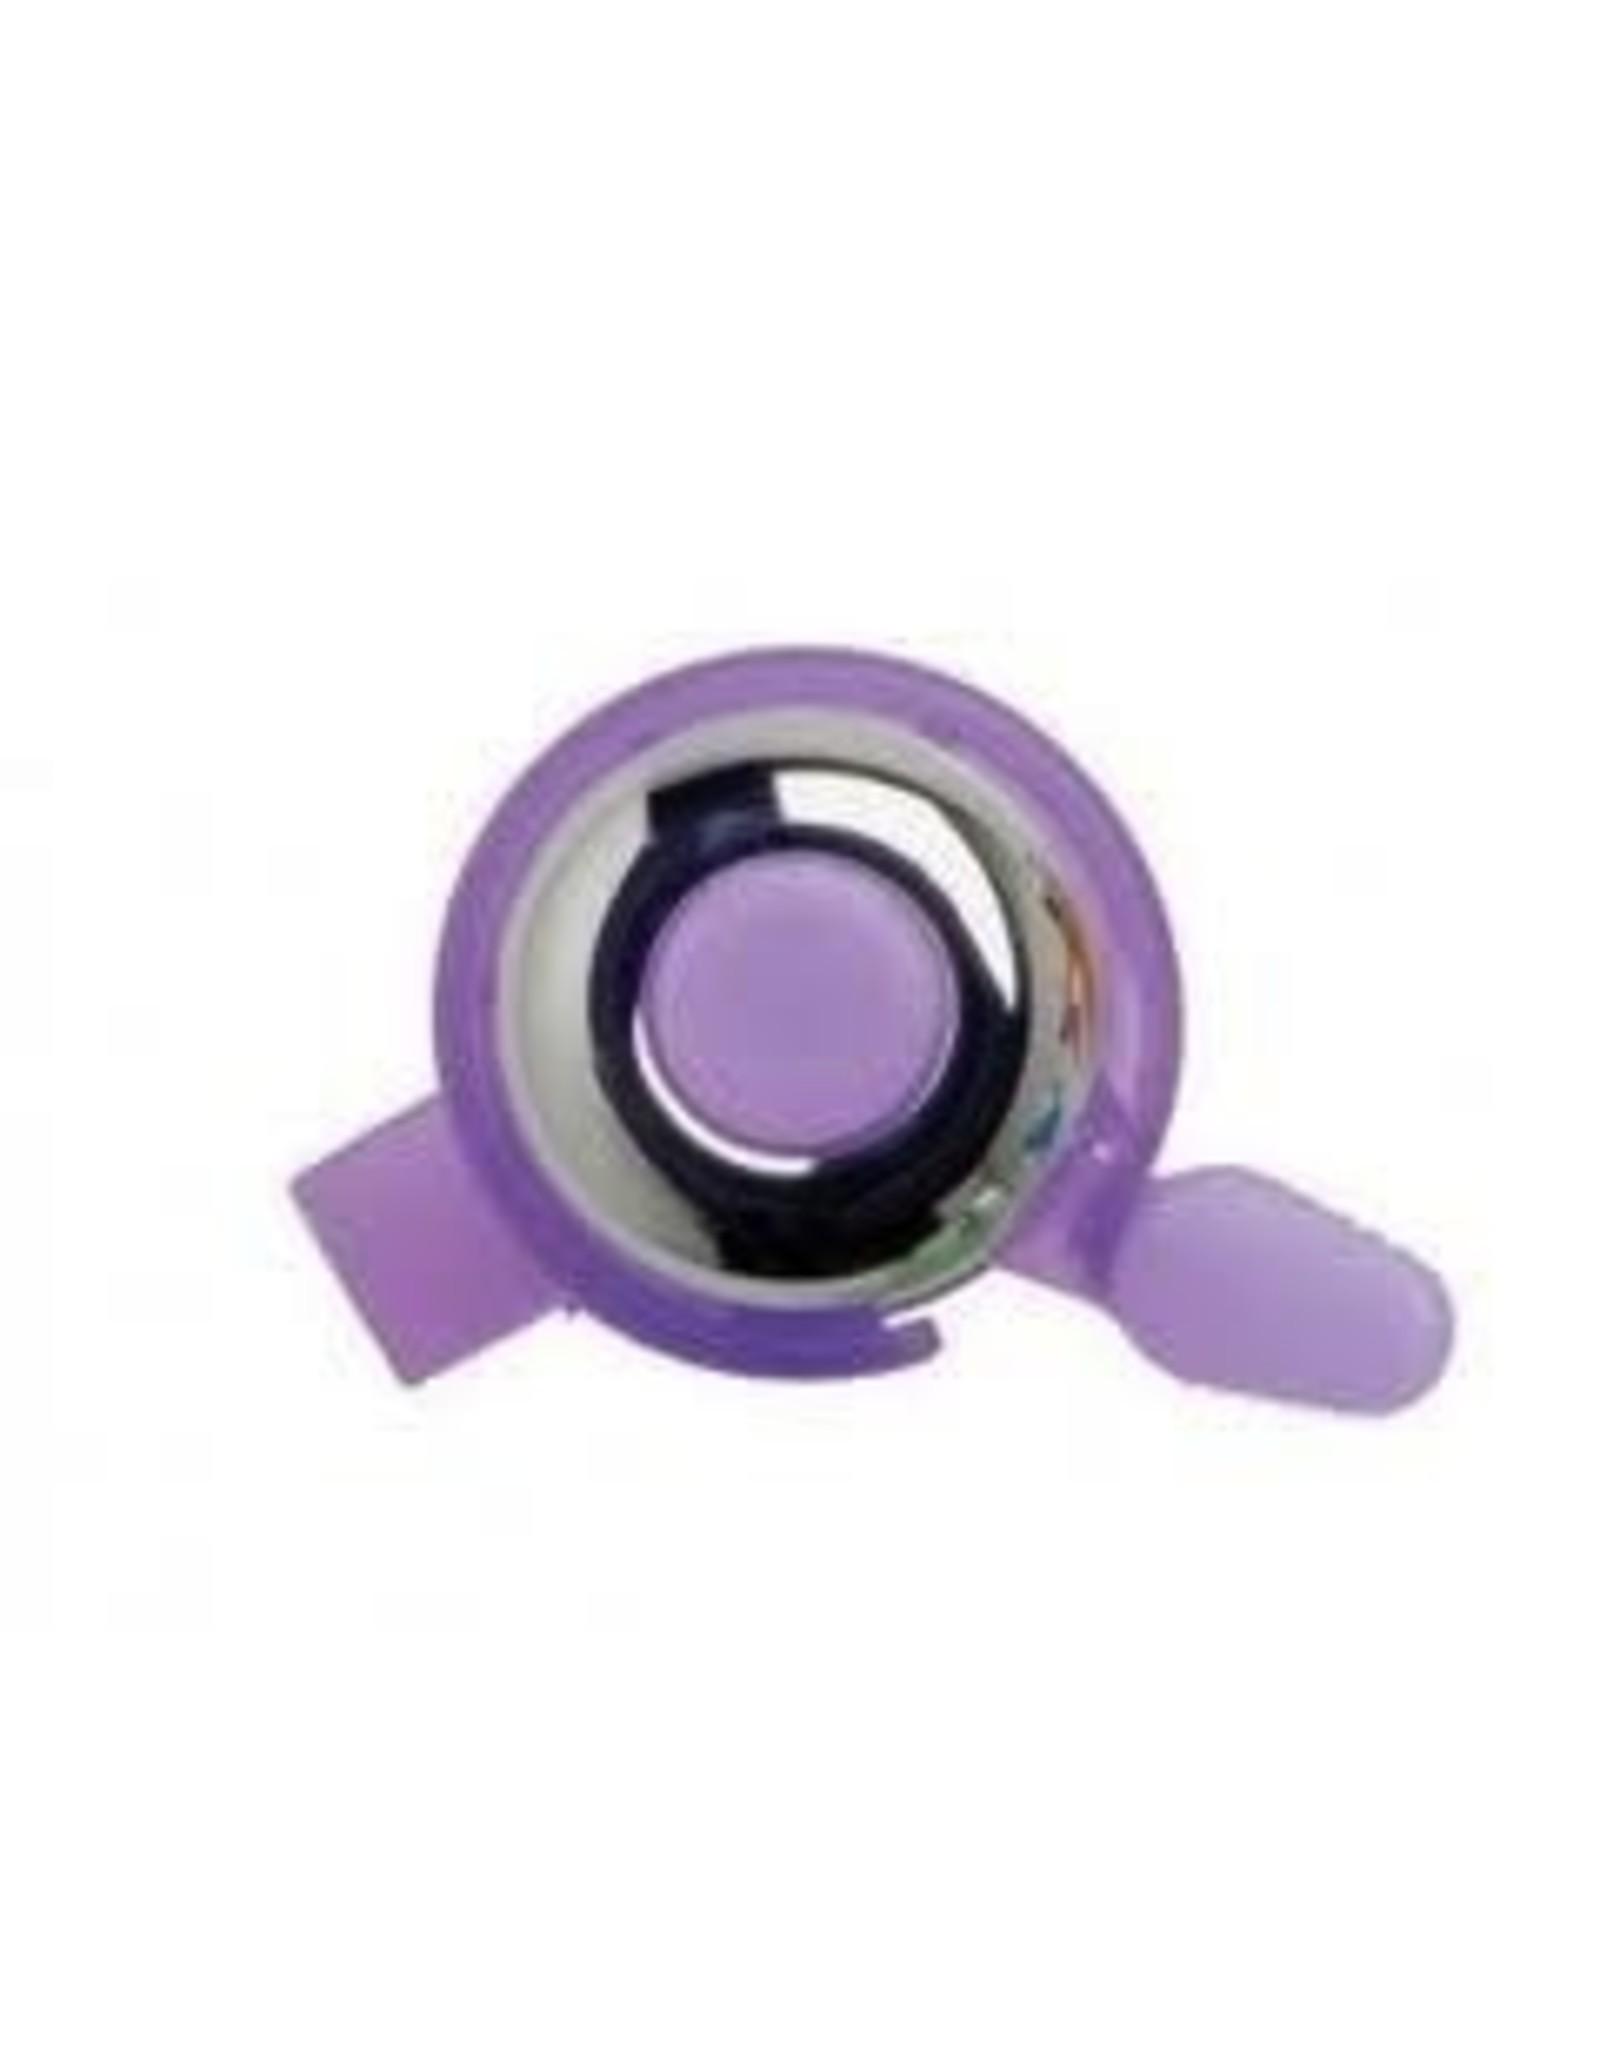 Incredibell Brass Duet - Purple